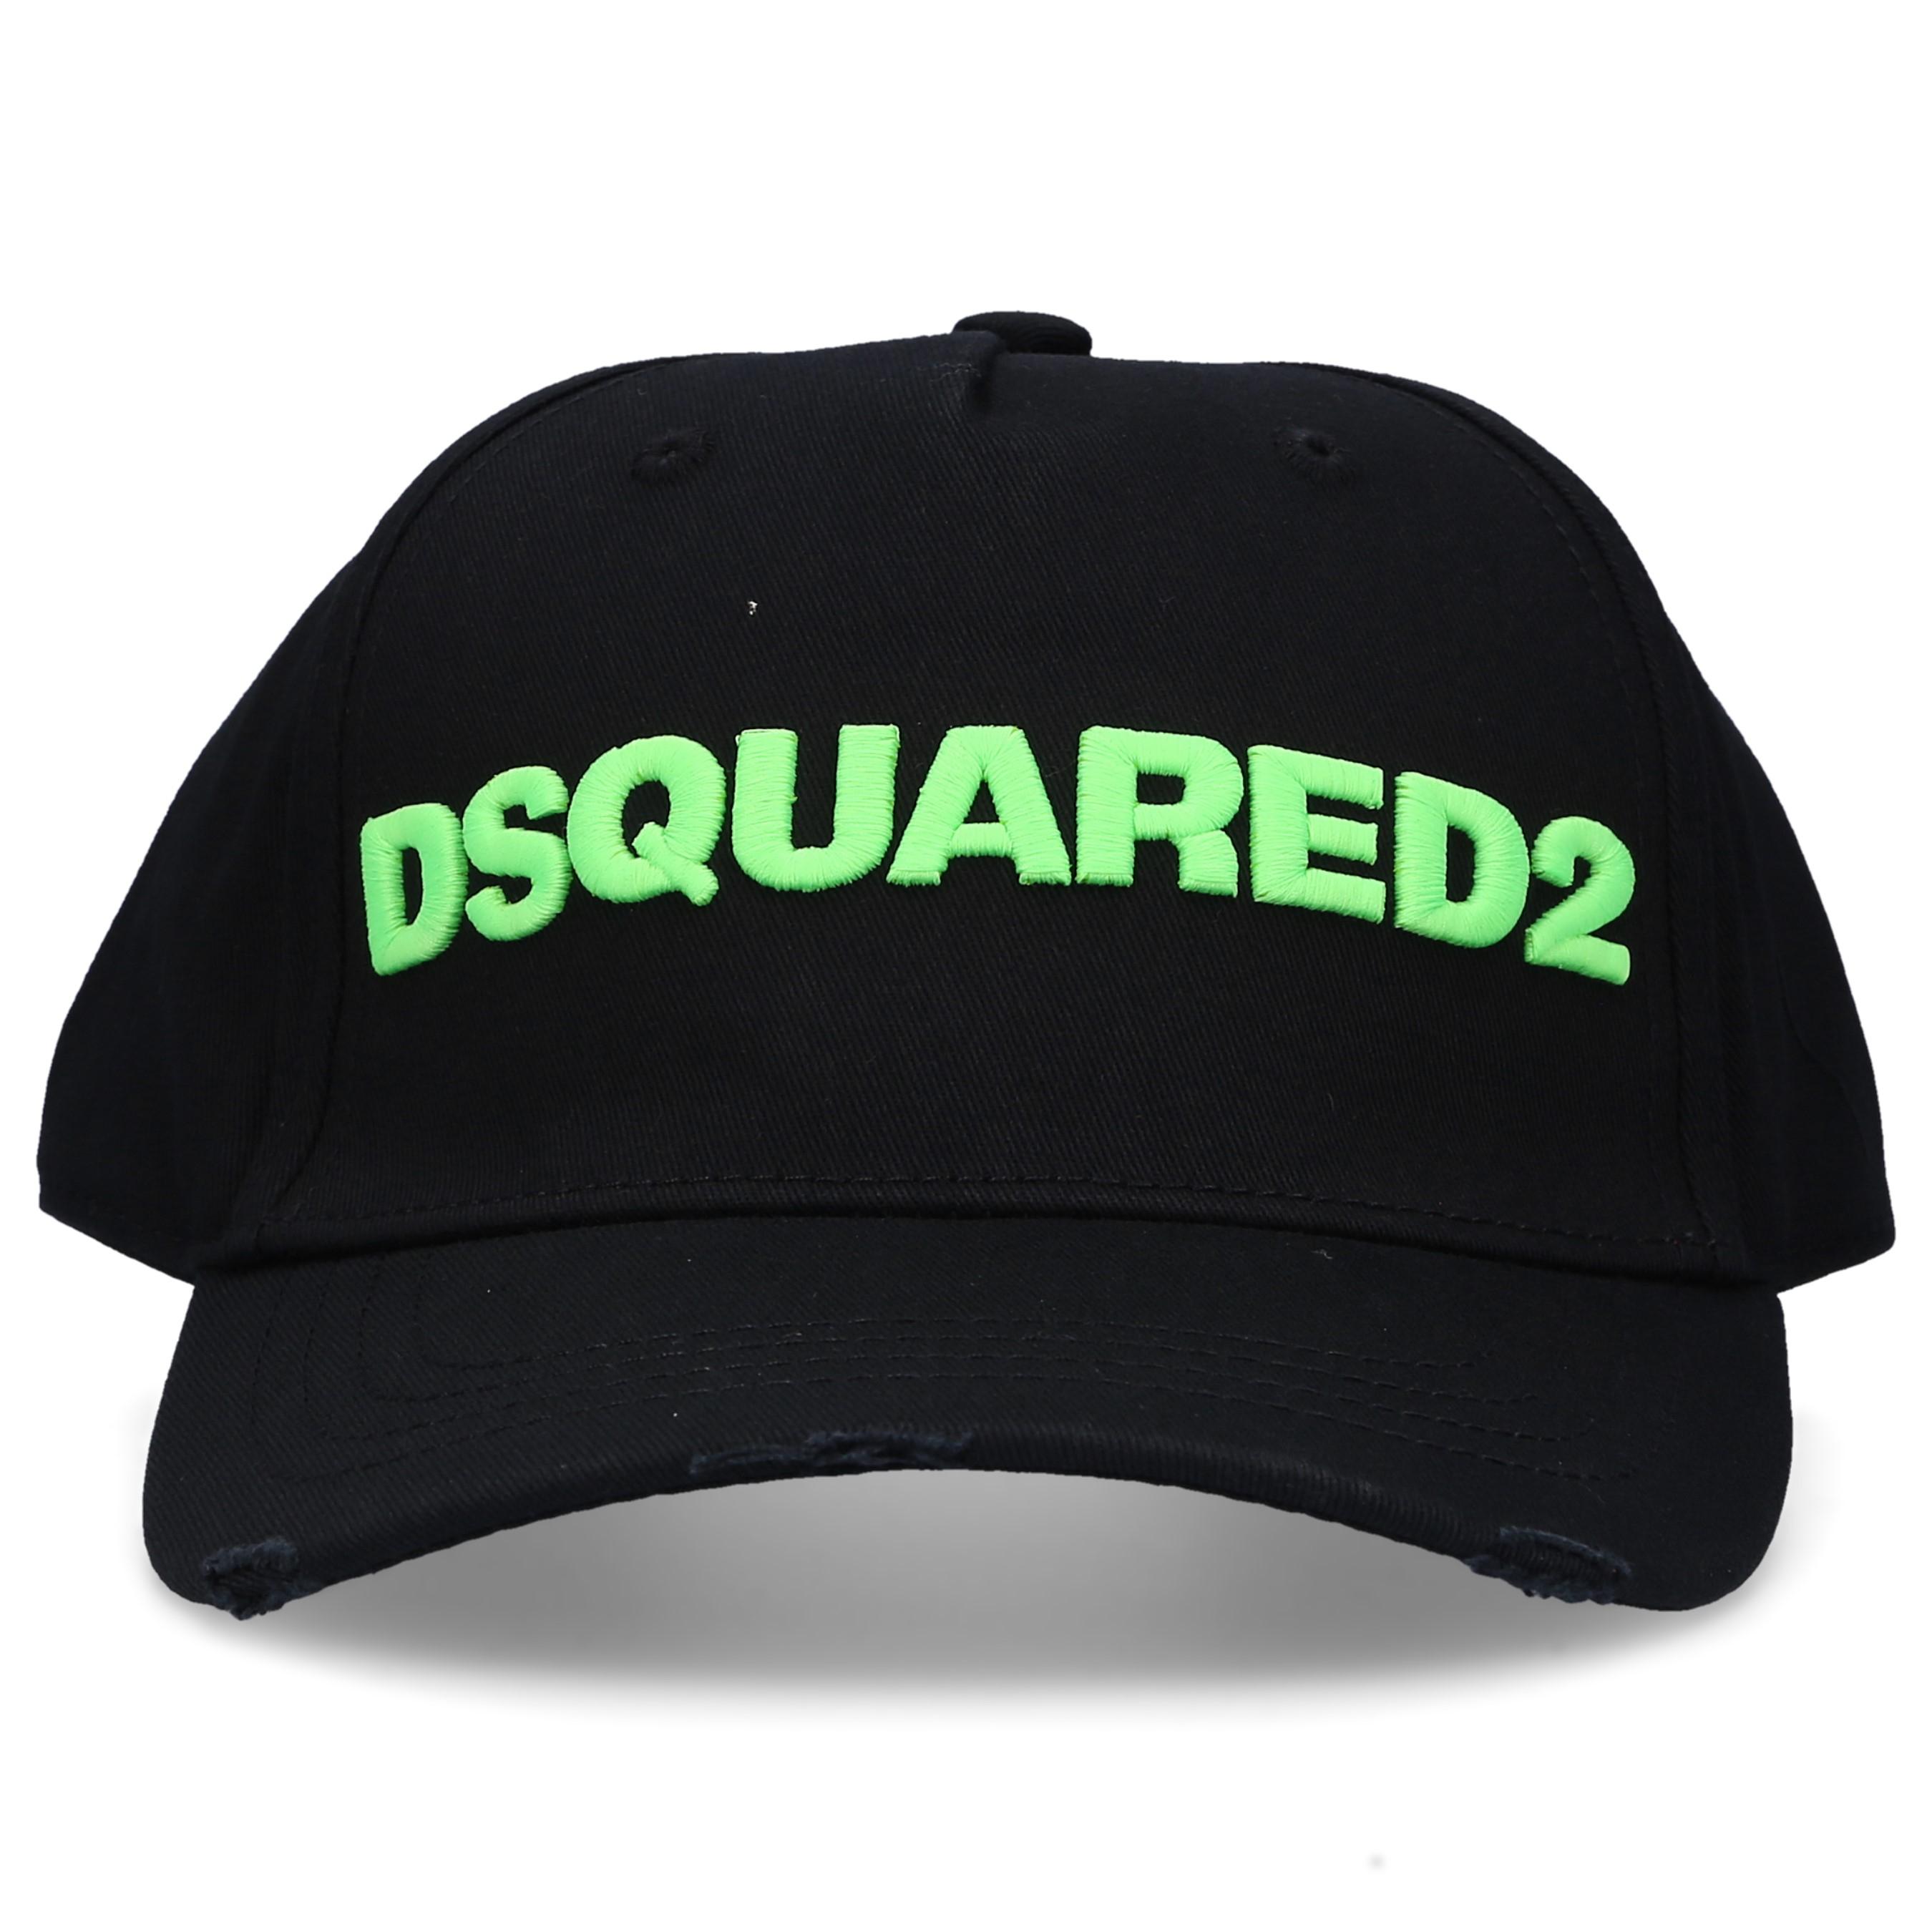 Dsquared2 Snapback Cap OTHER CARGO Baumwolle Stickerei logo schwarz